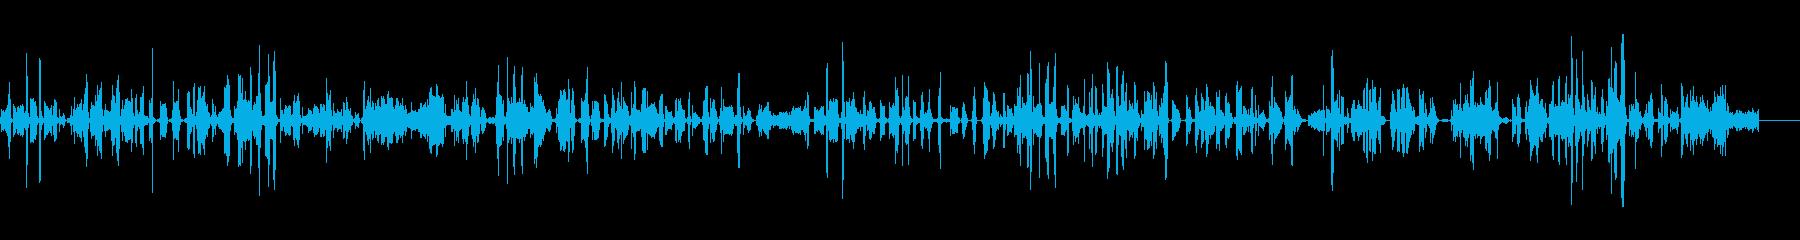 チューニング; Fm Broadc...の再生済みの波形